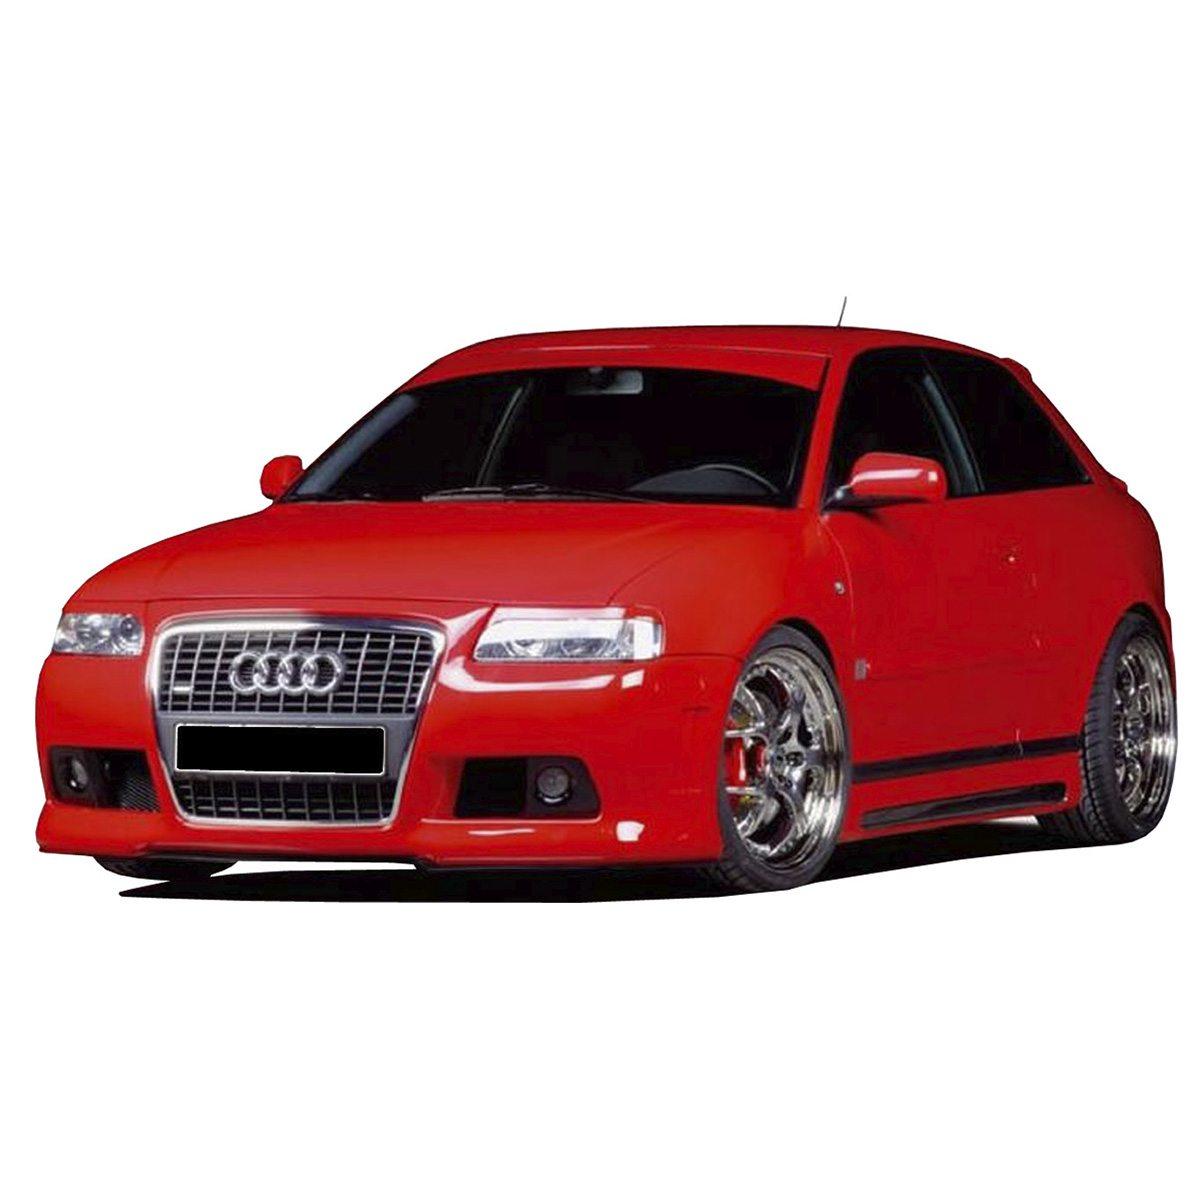 Audi-A3-96-01-New-Style-Frt-PCU0021